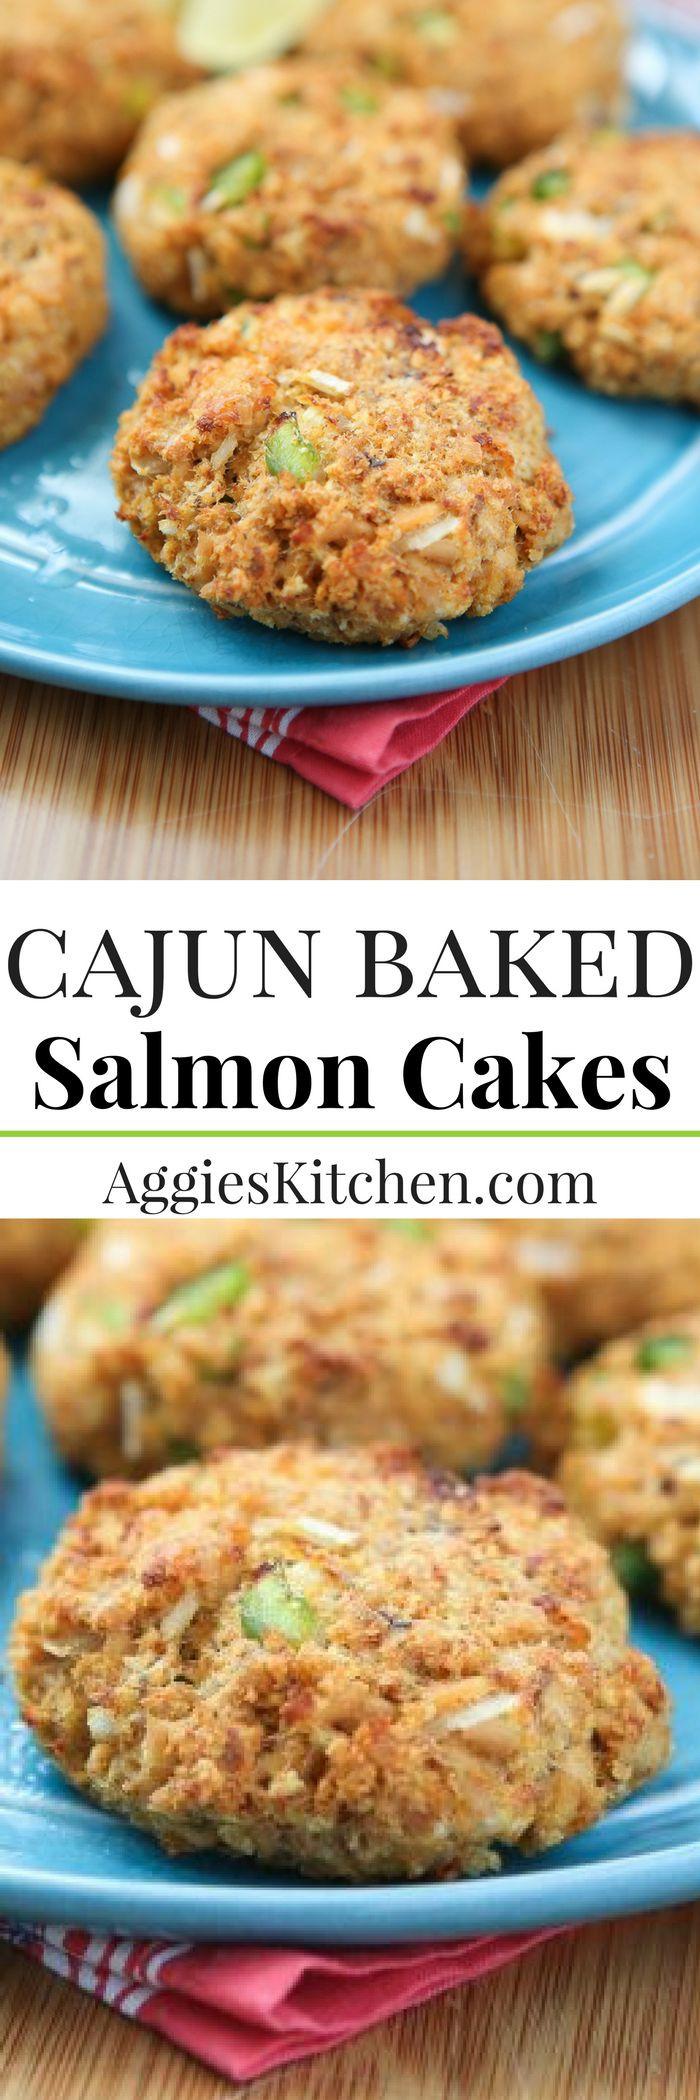 Healthy Salmon Patties Baked  Best 25 Salmon cakes ideas on Pinterest